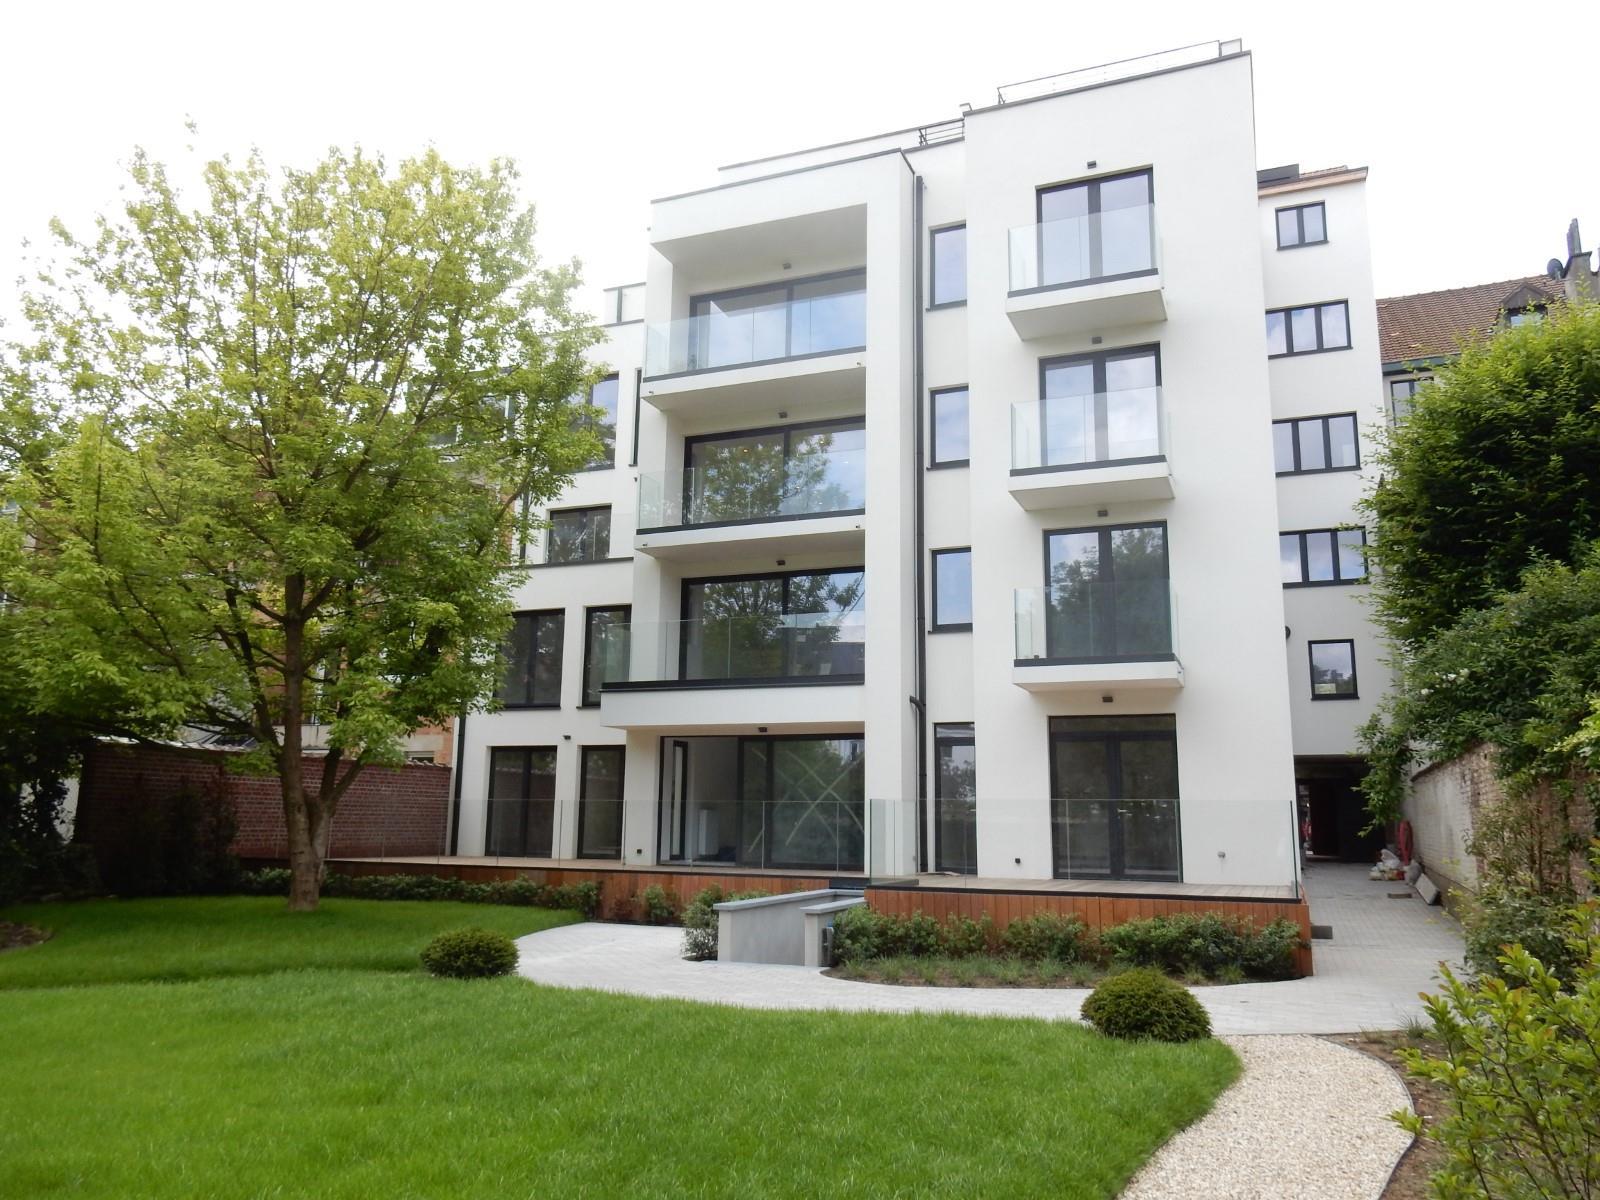 Appartement exceptionnel - Ixelles - #3929606-12